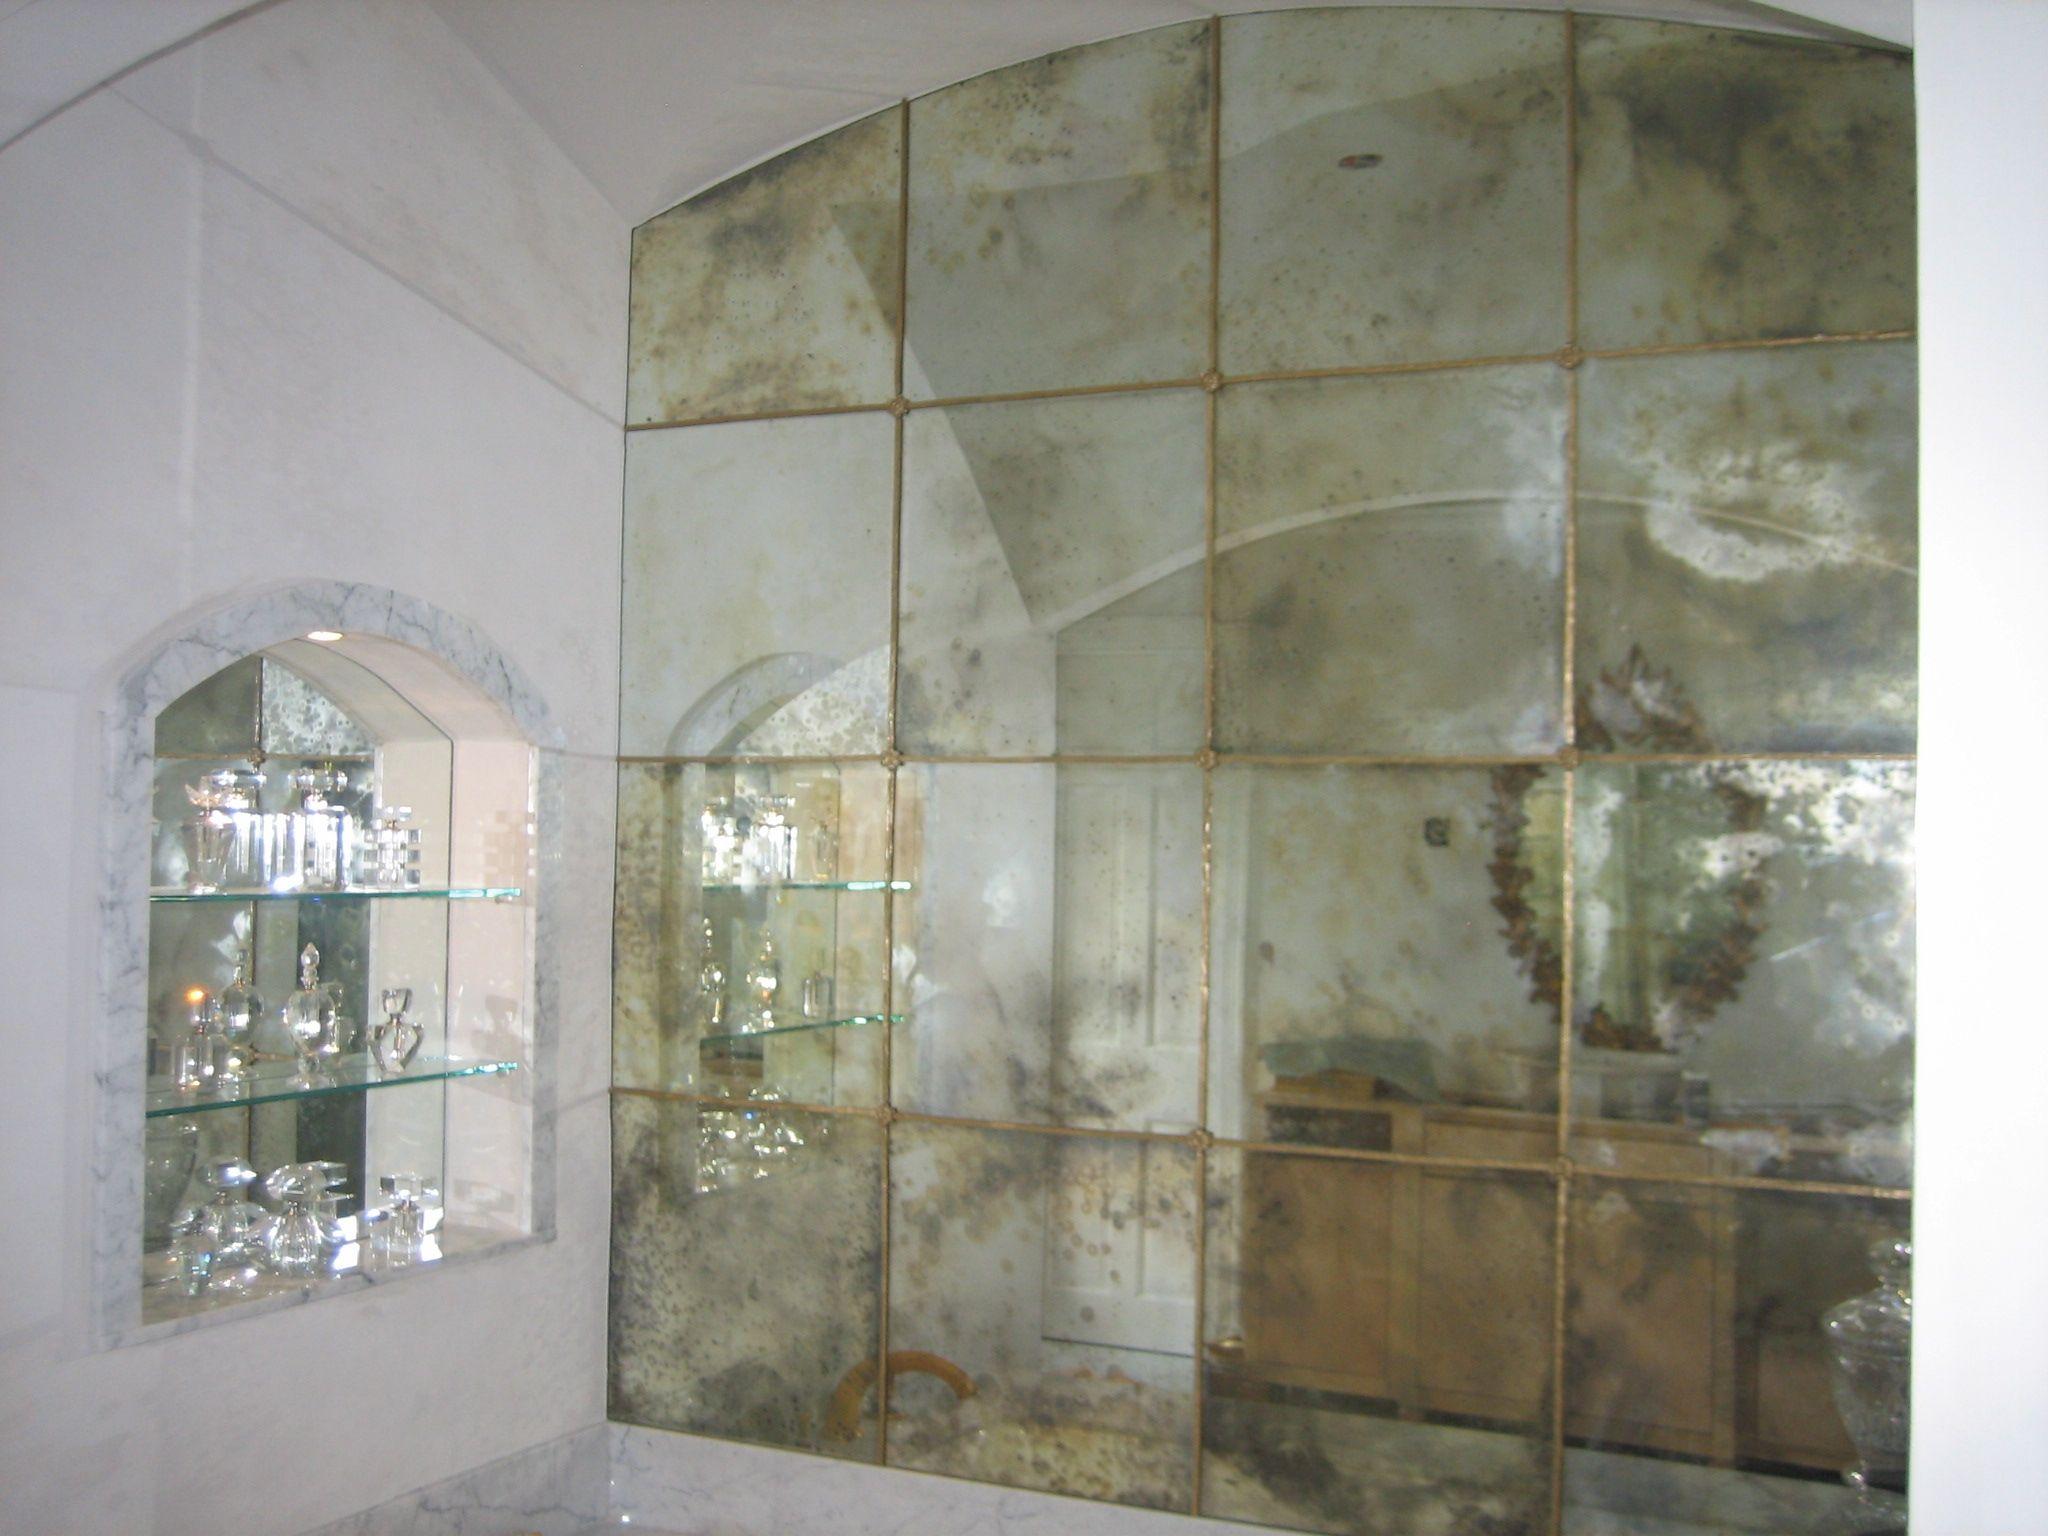 15 Fotos Vintage Spiegel Billig Spiegel Antique Mirror Wall